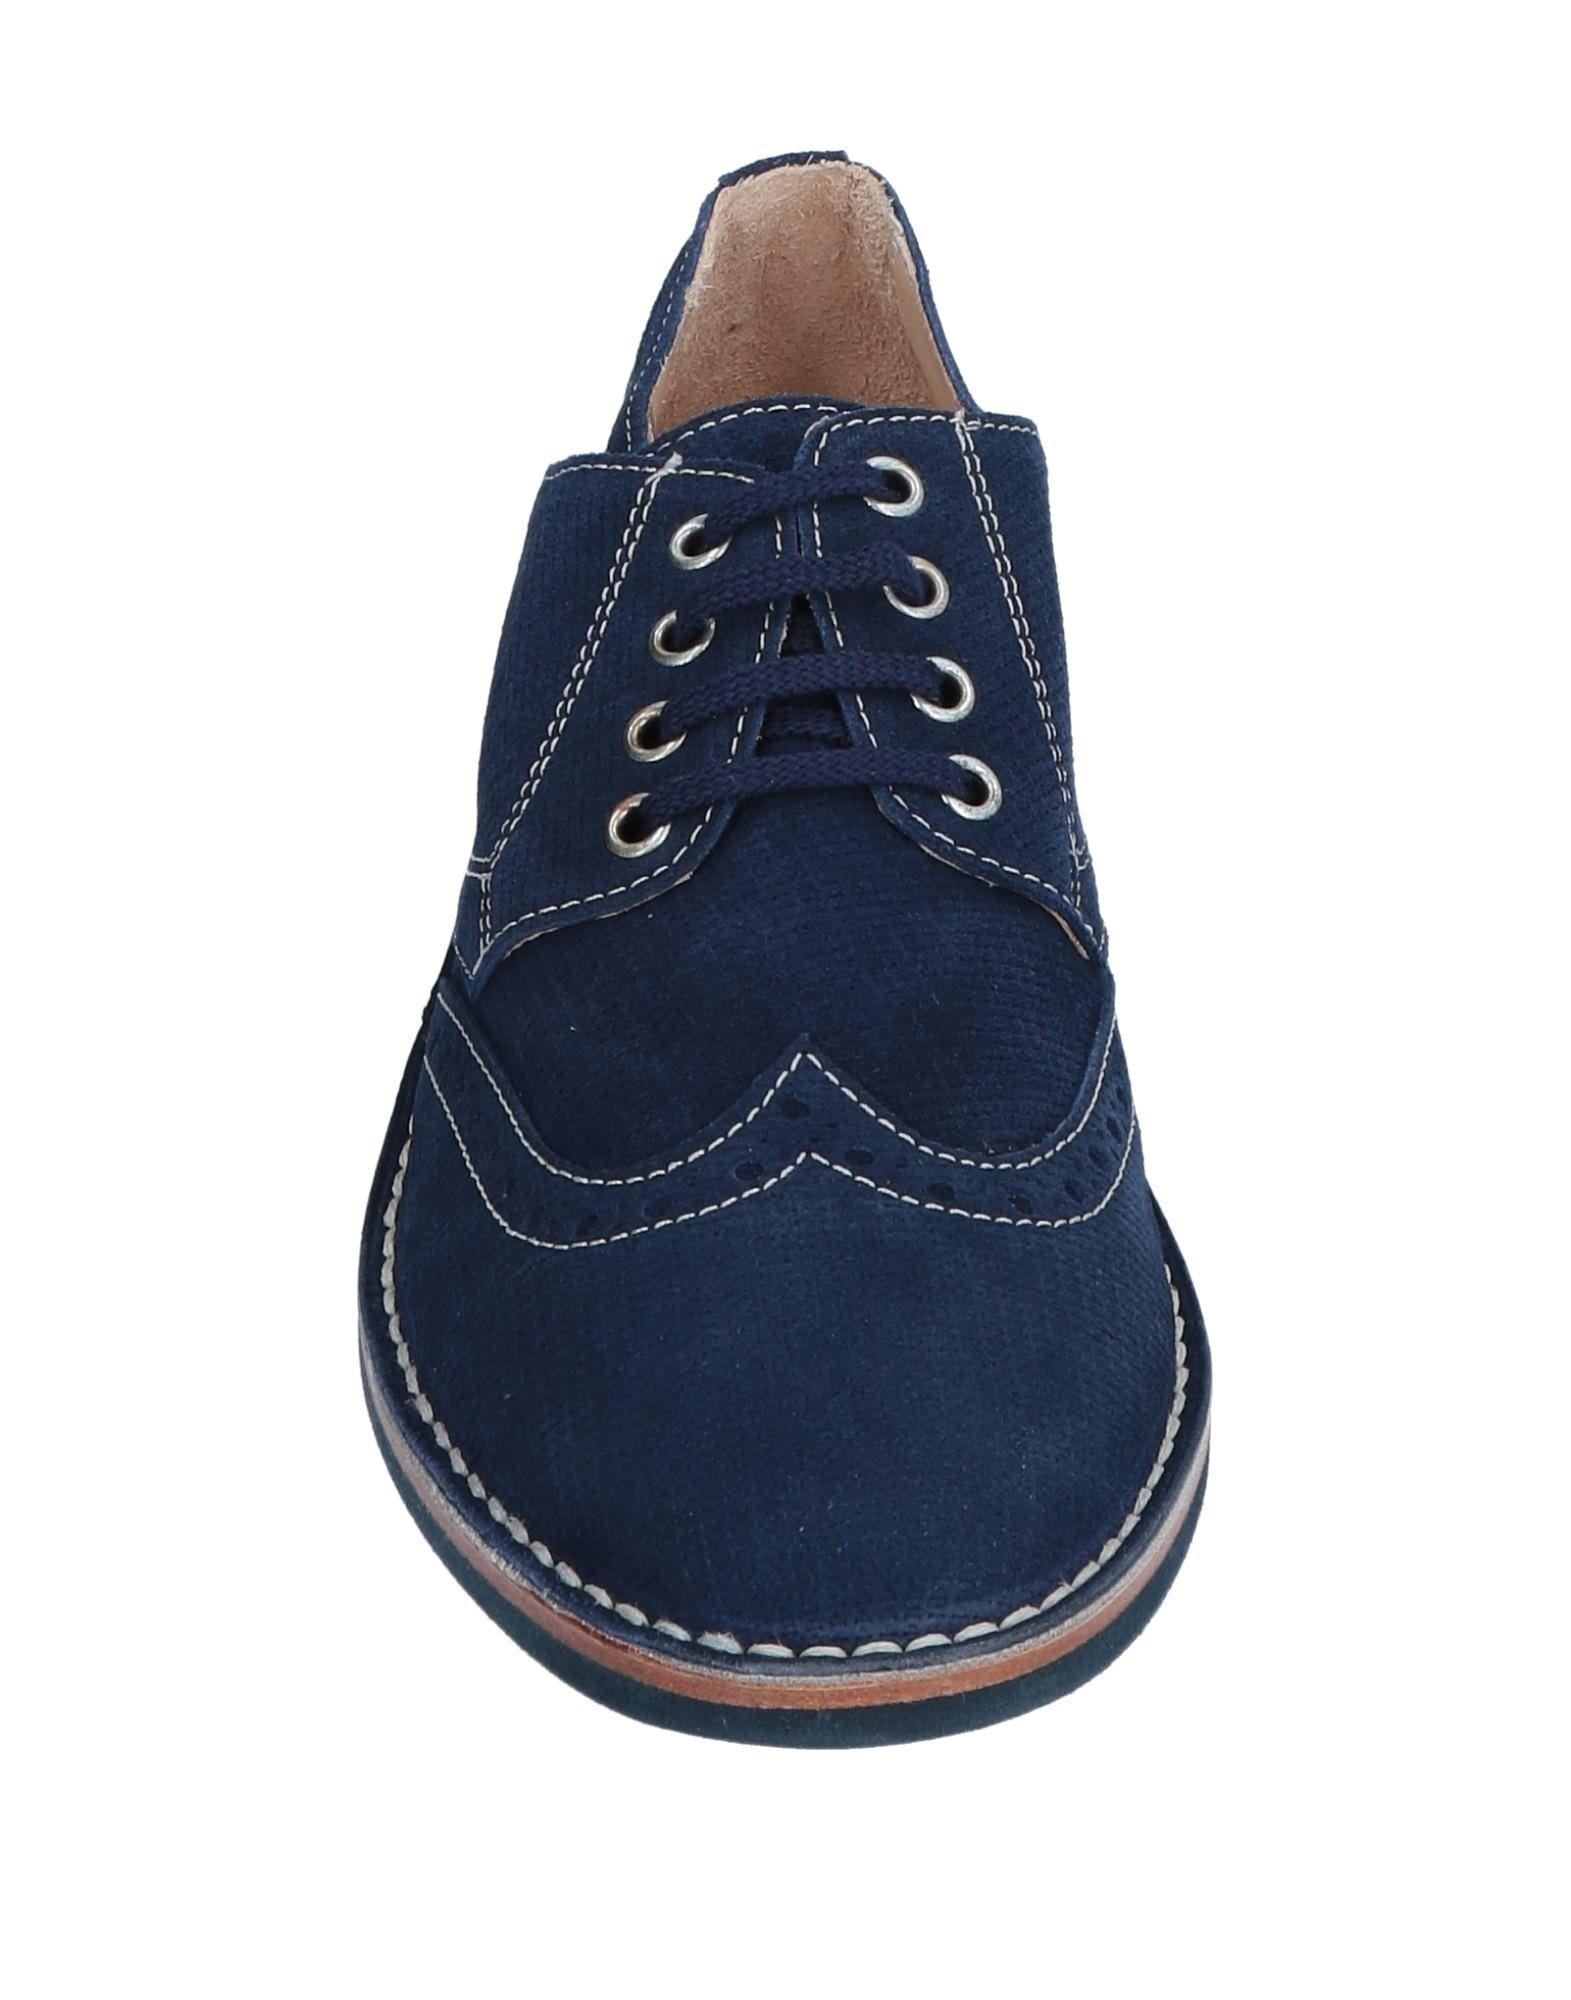 Rabatt Brothers echte Schuhe Gold Brothers Rabatt Mokassins Herren  11555951DD 0721ef